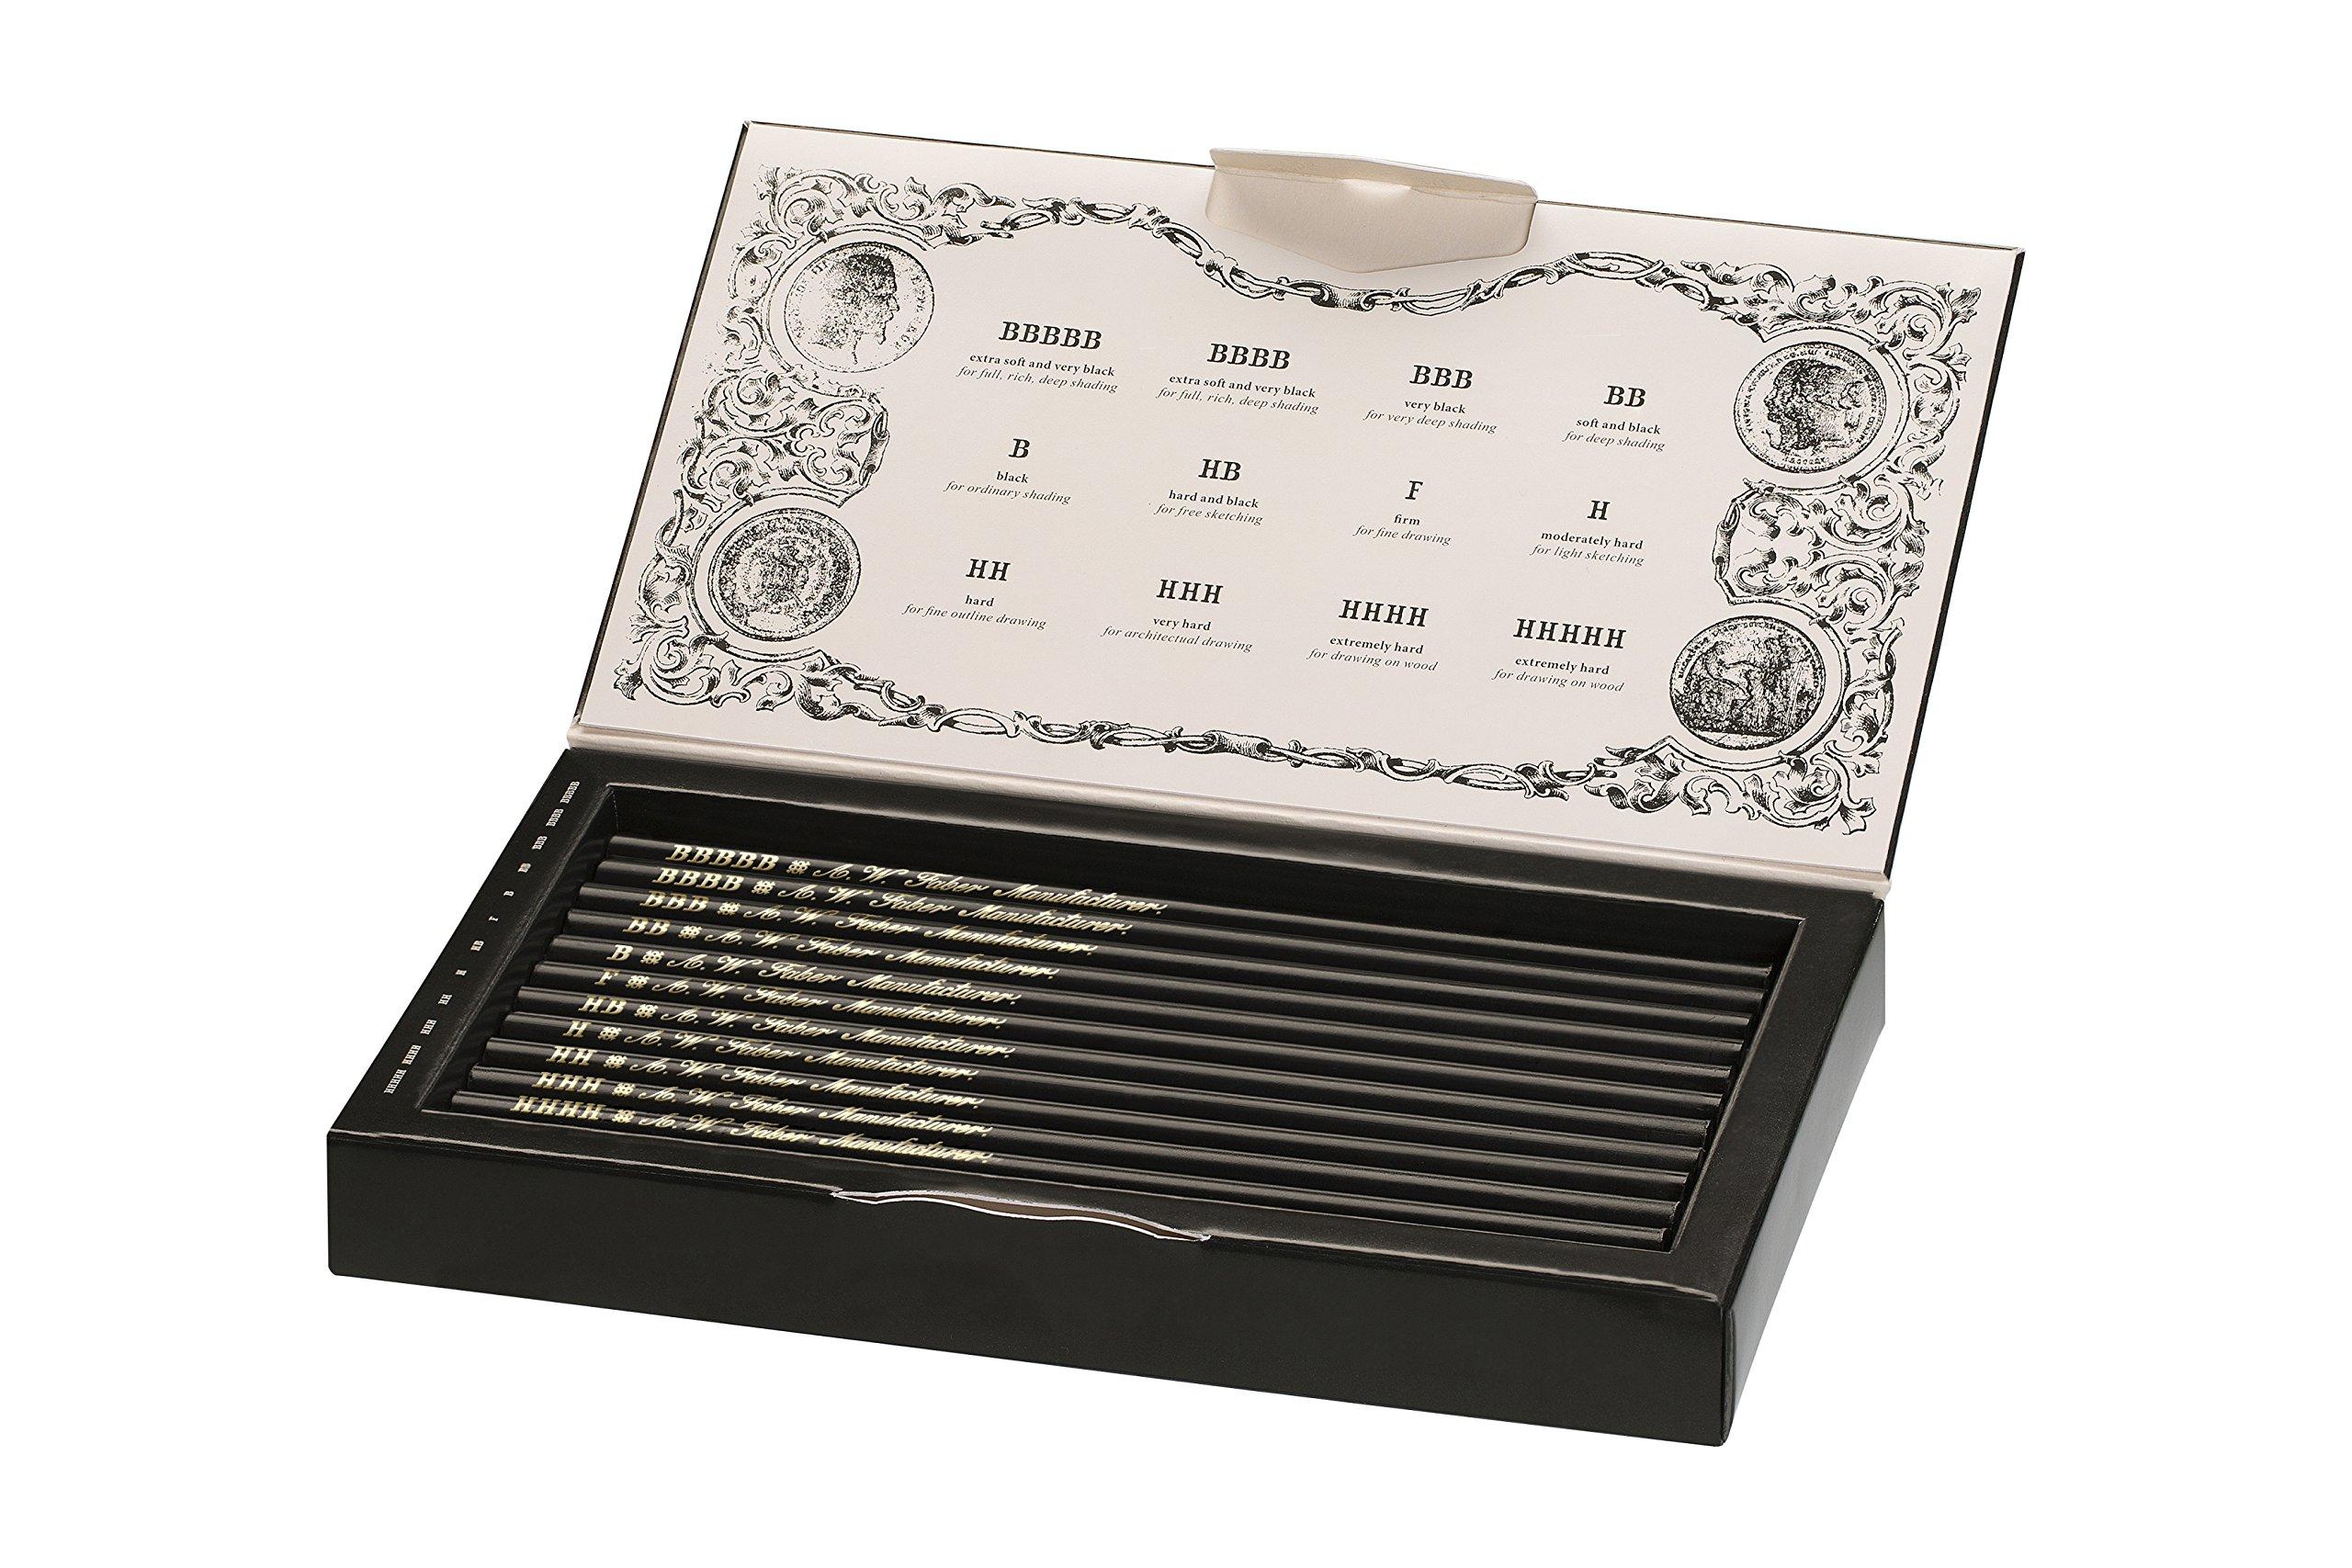 Faber-Castell 211817 – Estuche de colección edición limitada con 12 lápices Polygrade con distintos grados de dureza (5B – 5H)